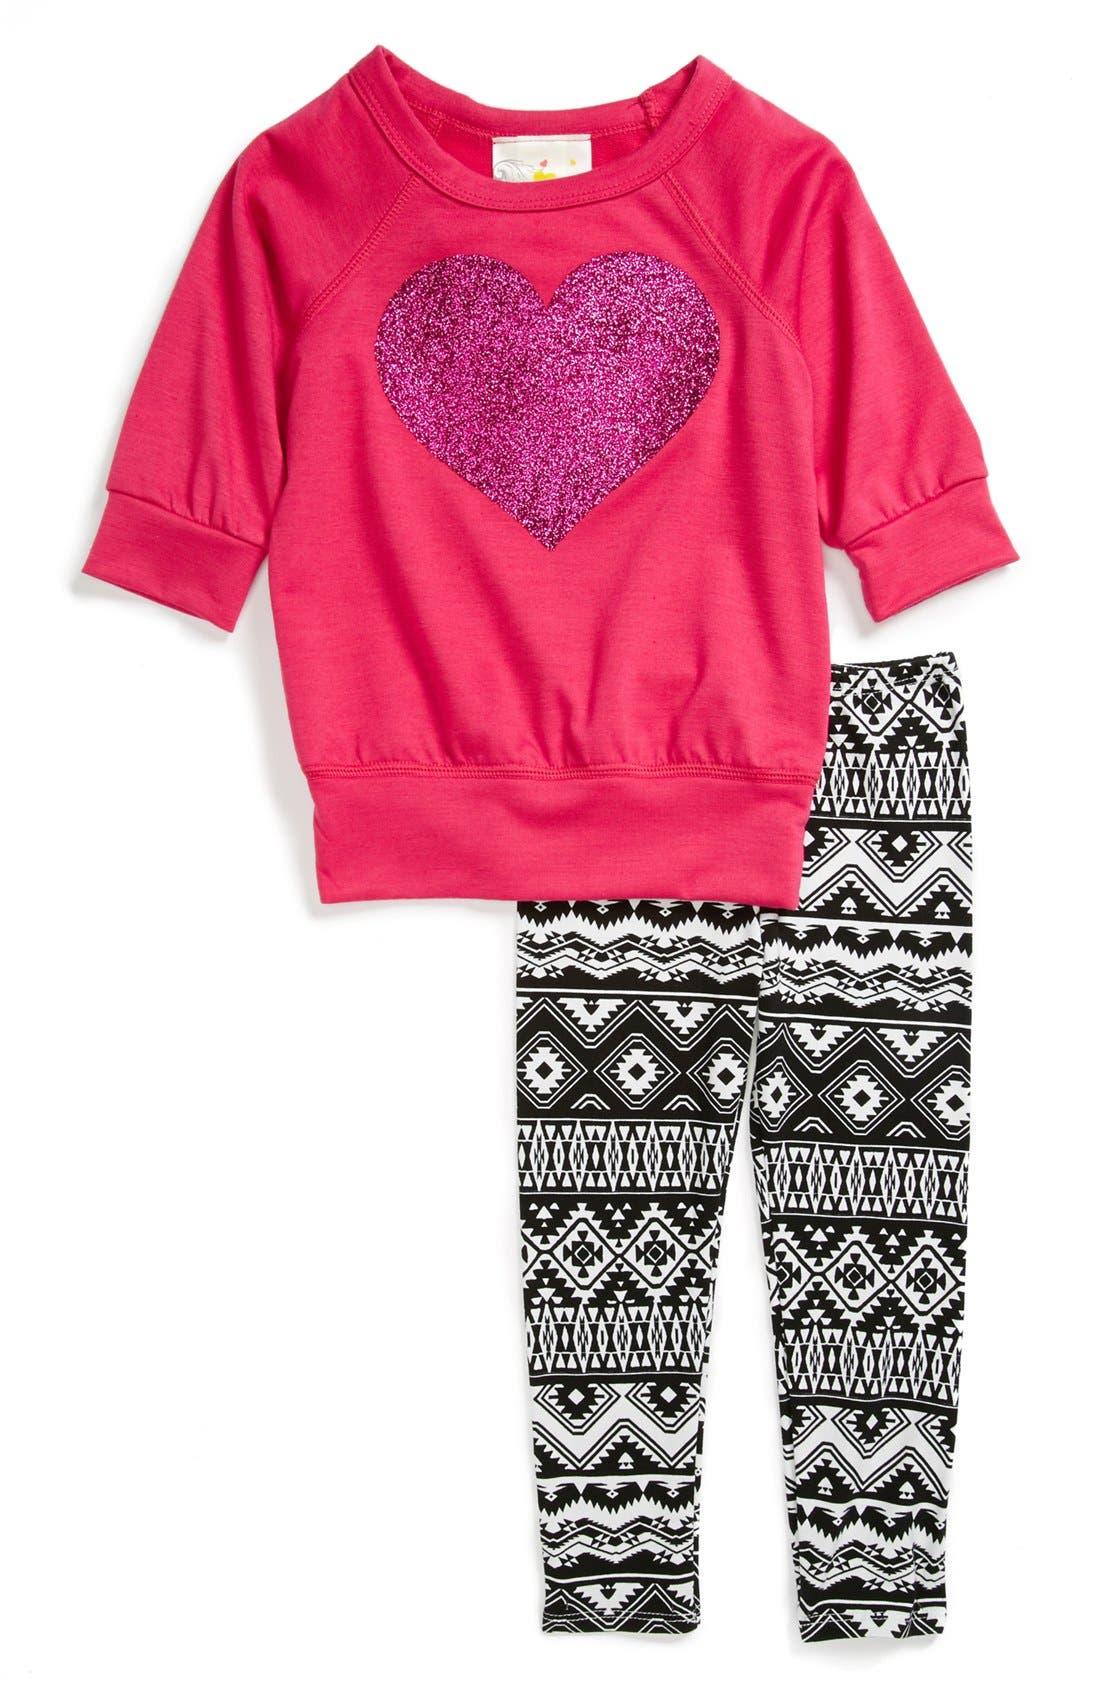 Alternate Image 1 Selected - Jenna & Jessie Glitter Tee & Leggings (Toddler Girls)